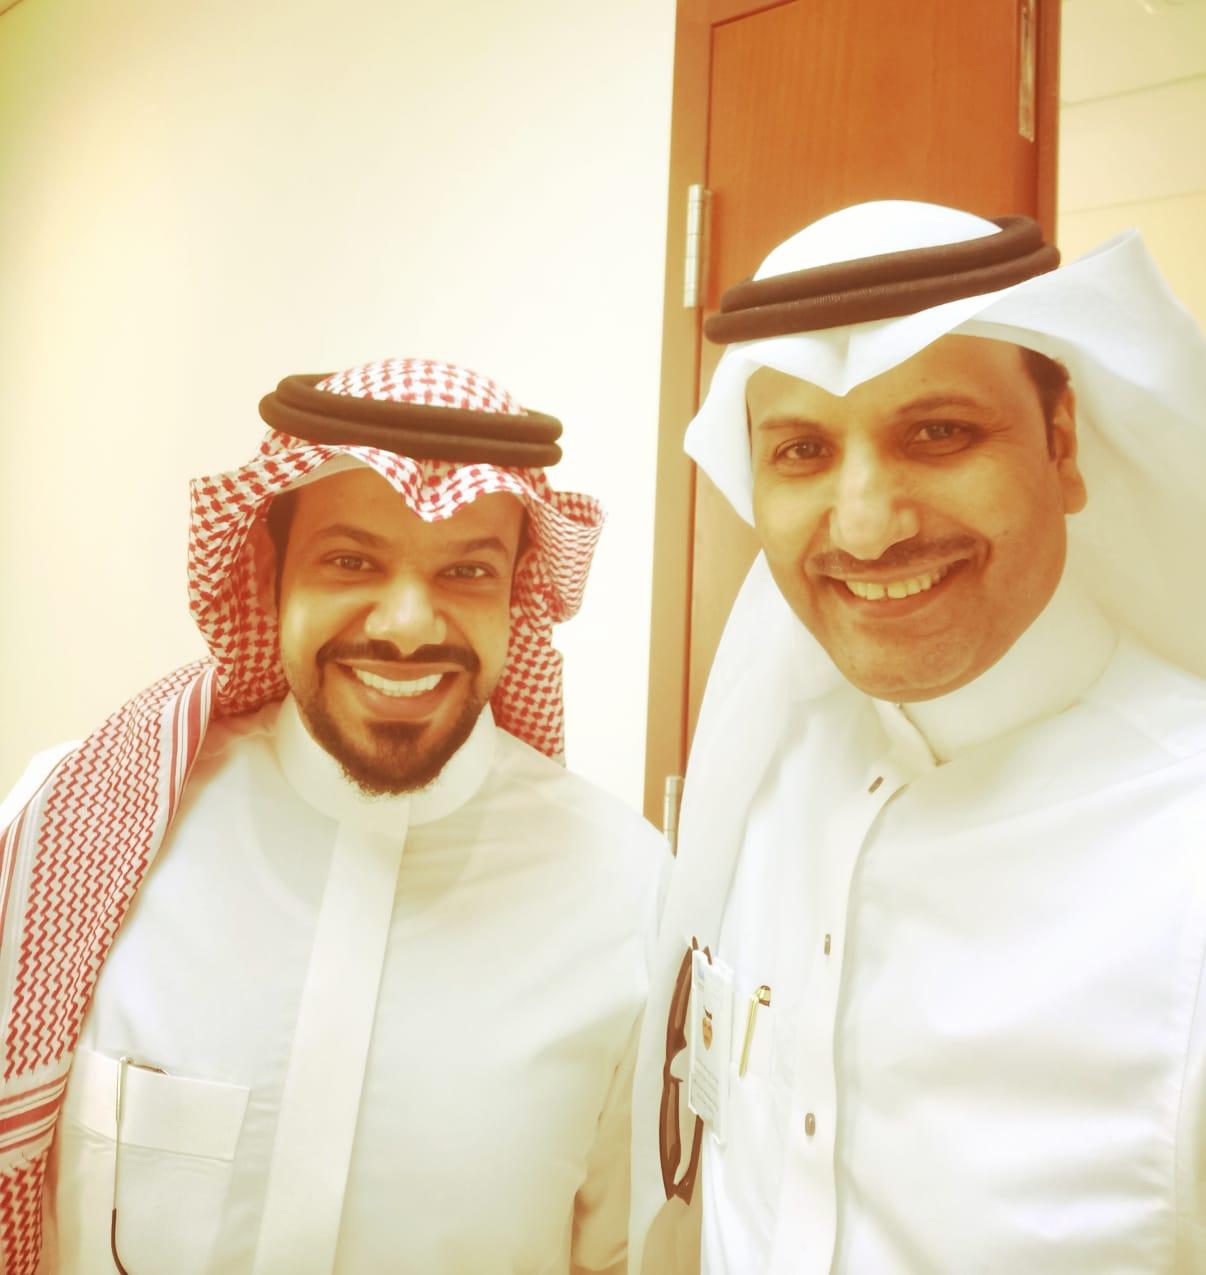 تم عقد محاضرة شيقة جدا للدكتور عبد الناصر المصلوم عن تصميم الدروس التفاعلية